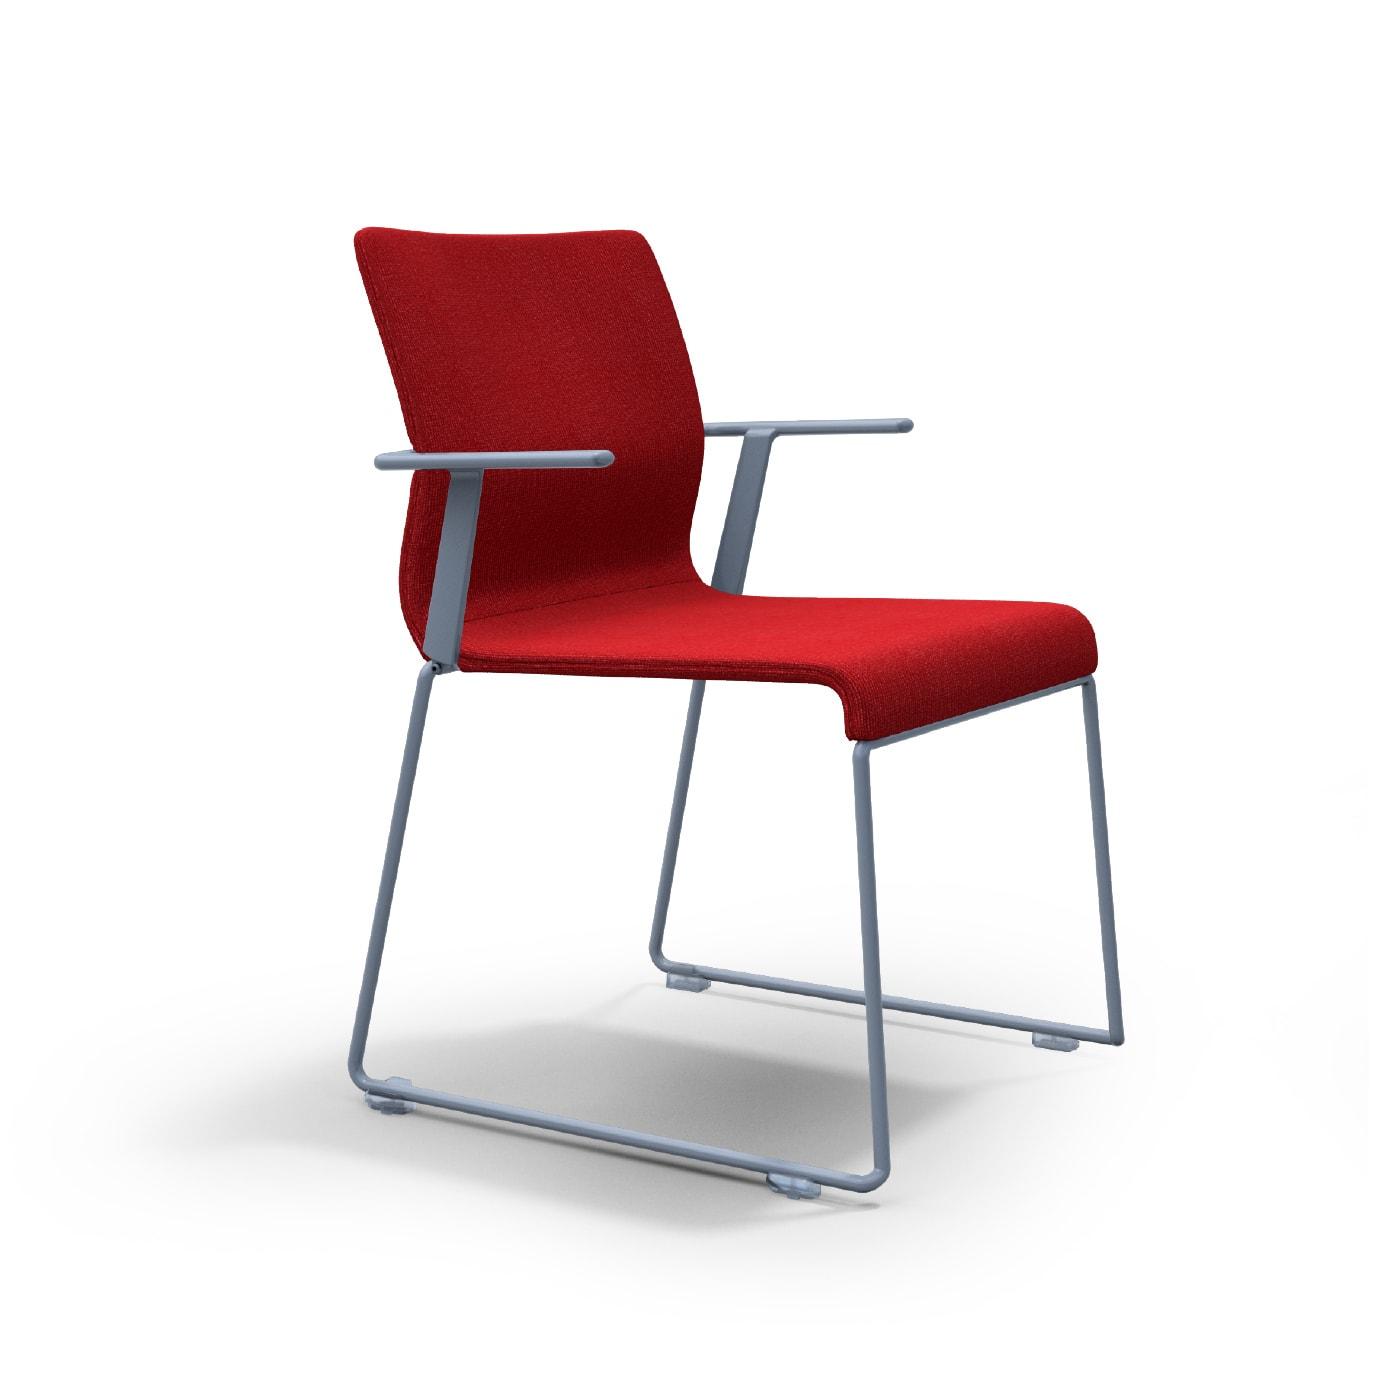 Stick Chair ETK Skid seduta riunione e ospiti